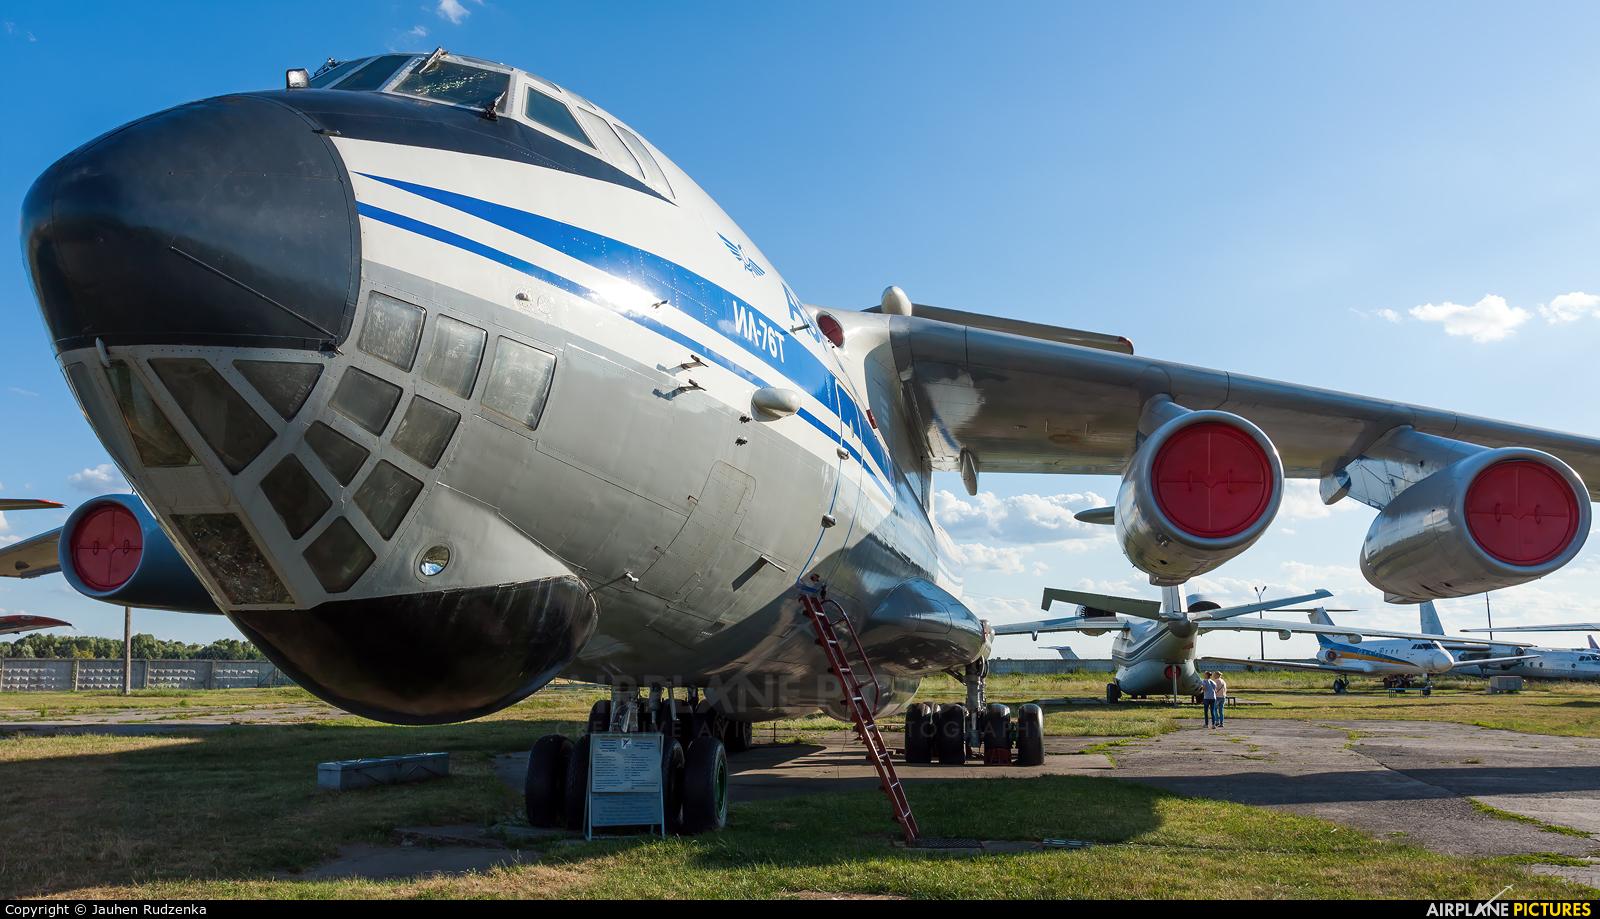 Aeroflot CCCP-76511 aircraft at Kyiv - Zhulyany